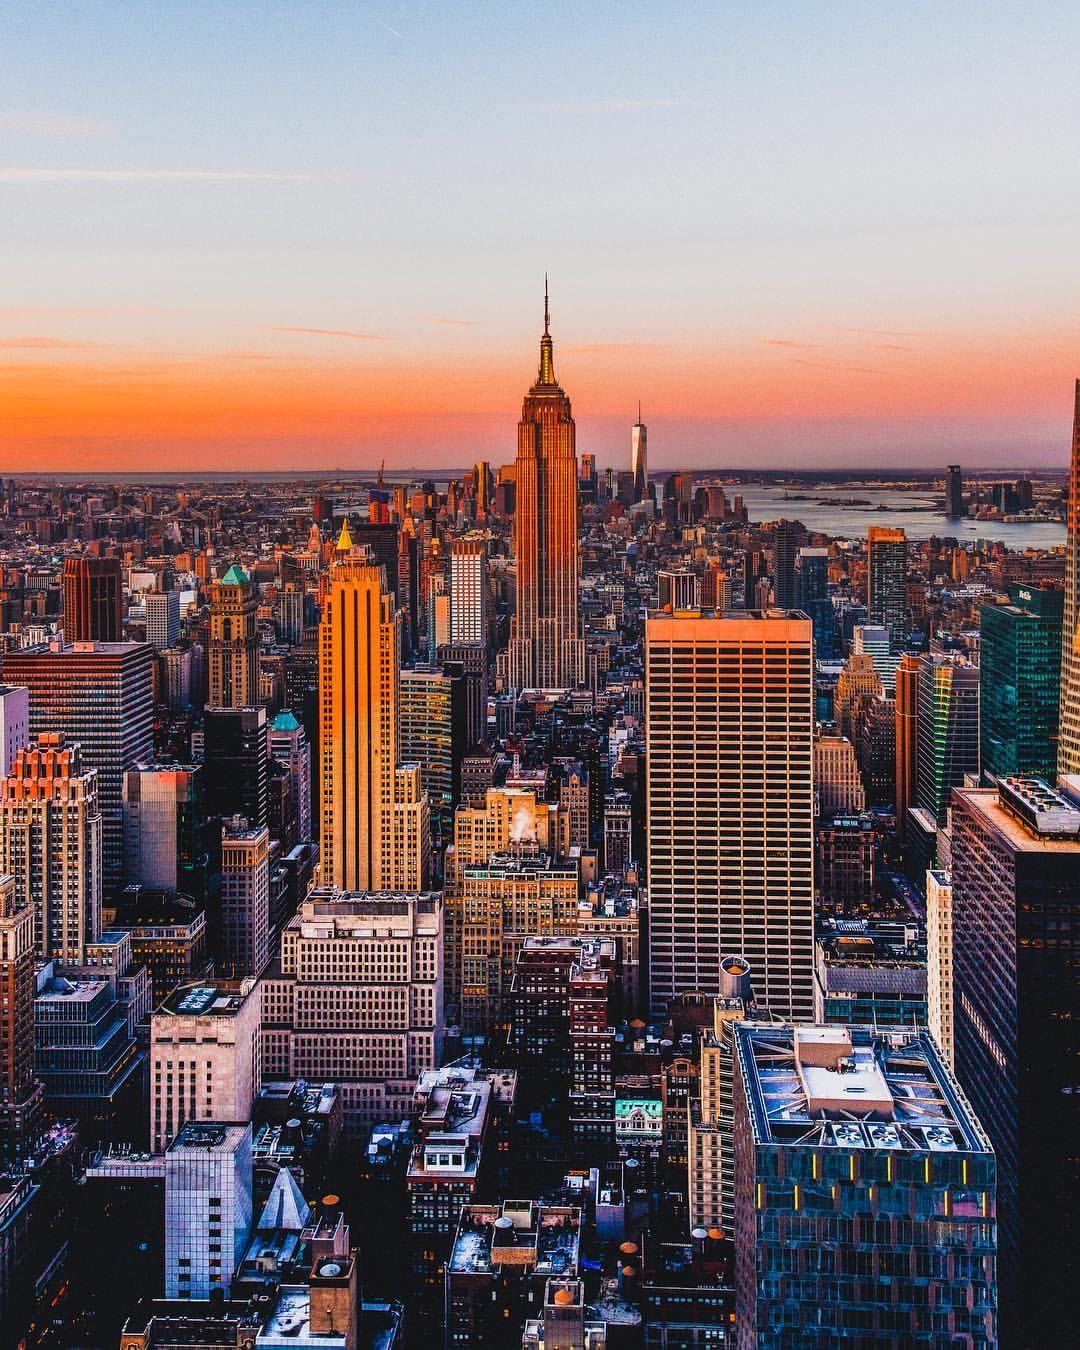 Nothing Like A New York City Sunrise New York Sunset Sunset City City Aesthetic